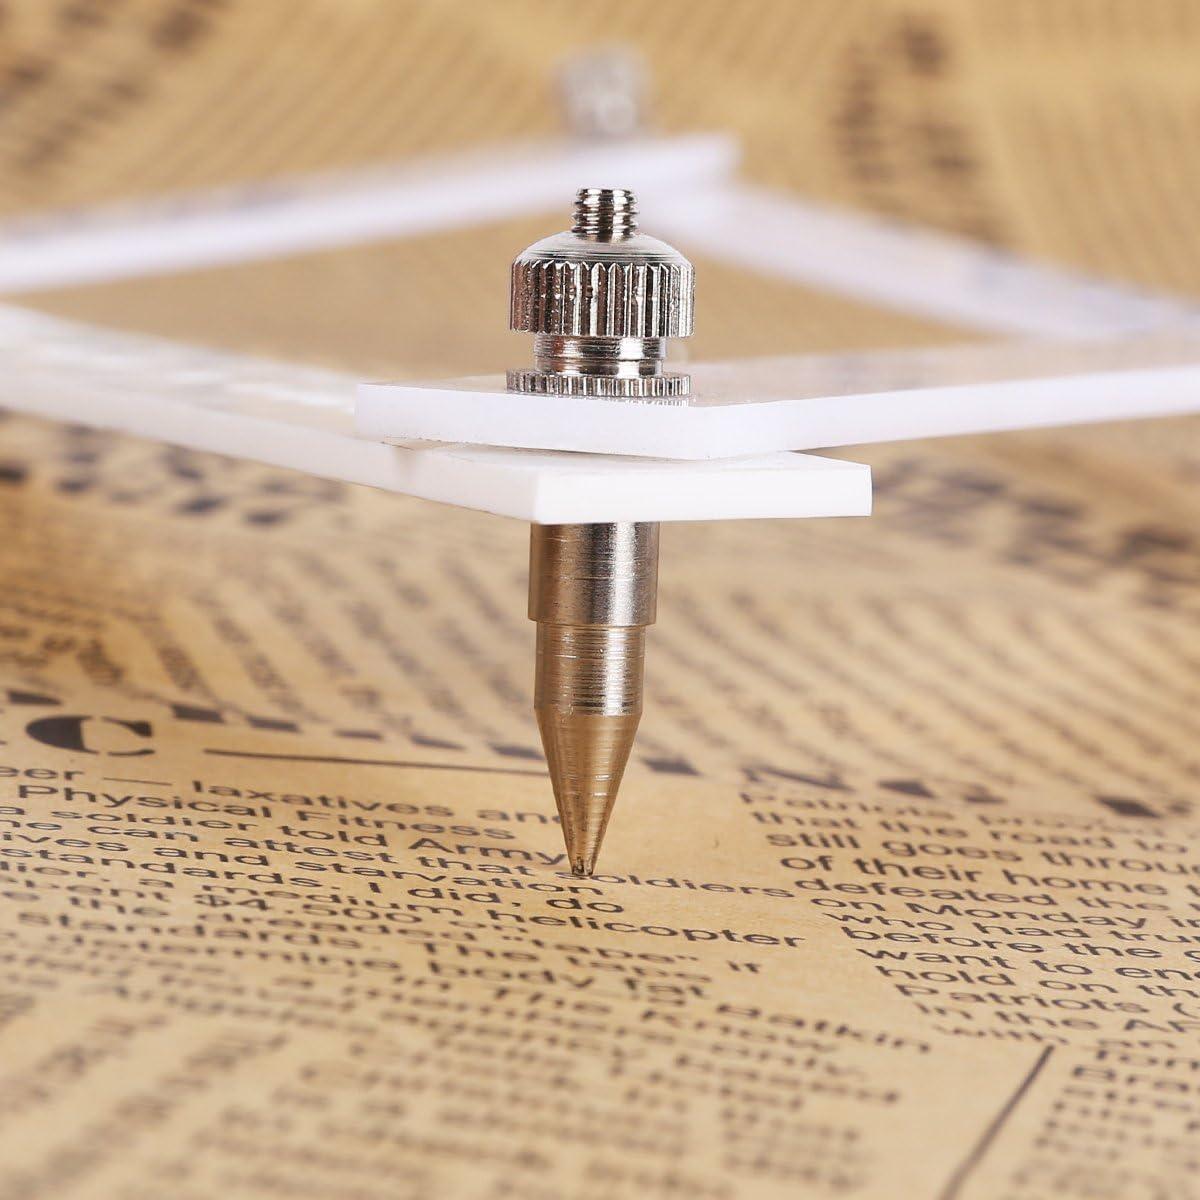 34CM Pantograph Pantograf Storchenschnabel  vergrößern kopieren verkleinern Weiß